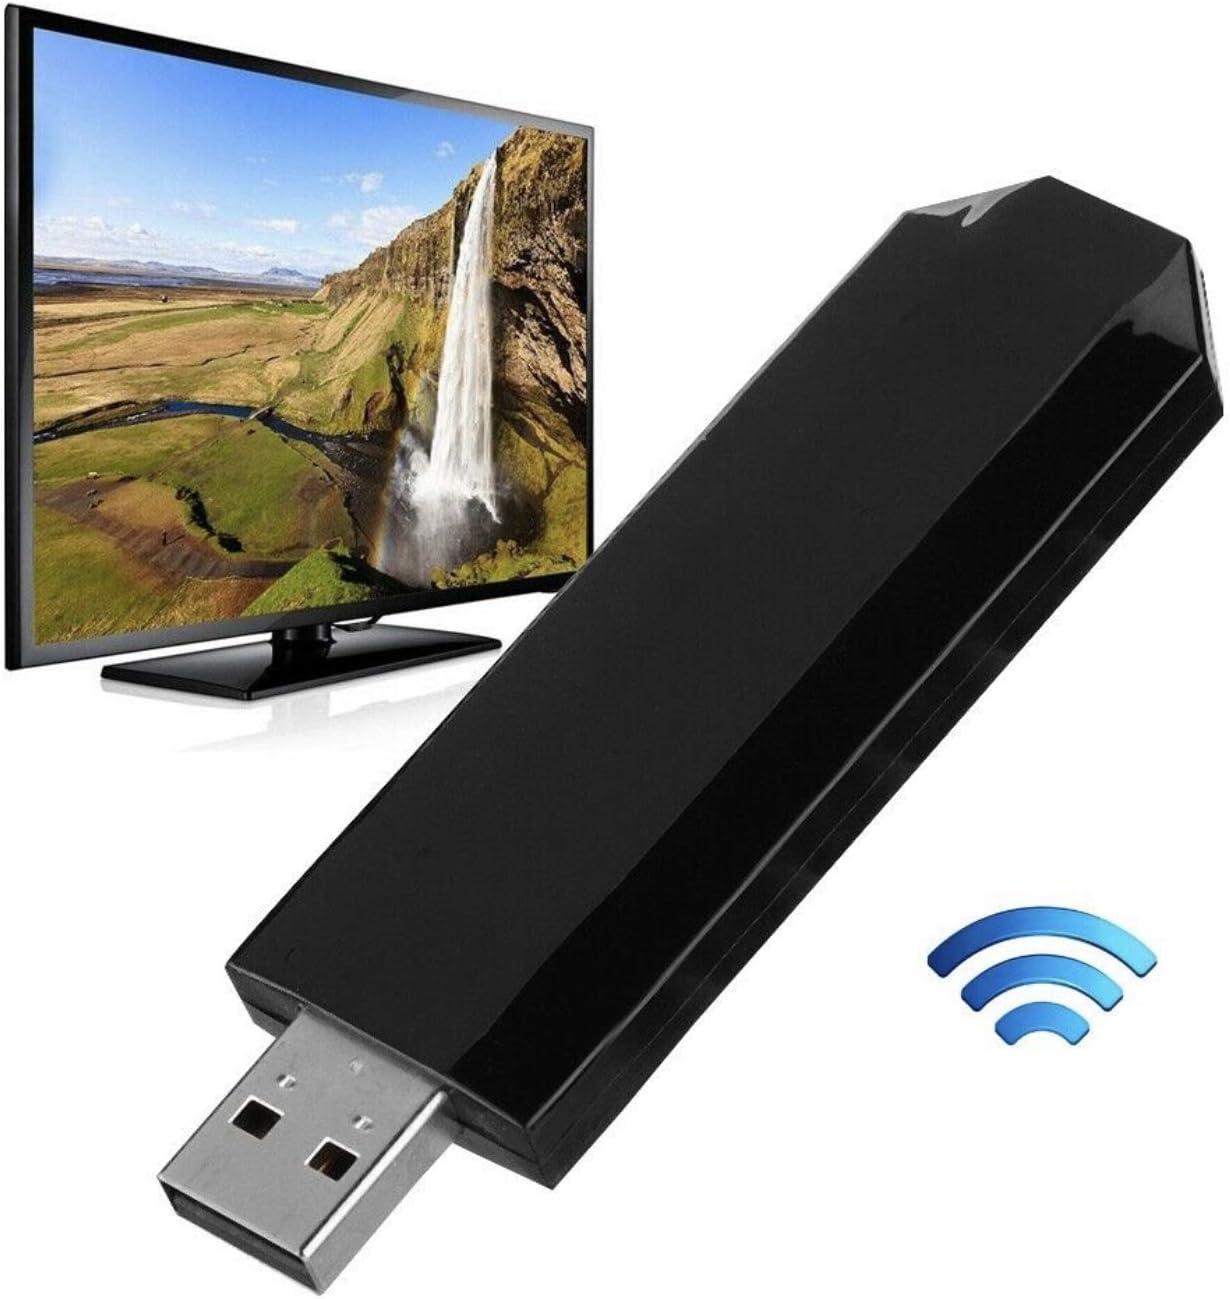 WIS09ABGN WIS12ABGN - Adaptador WiFi USB inalámbrico para Samsung ...